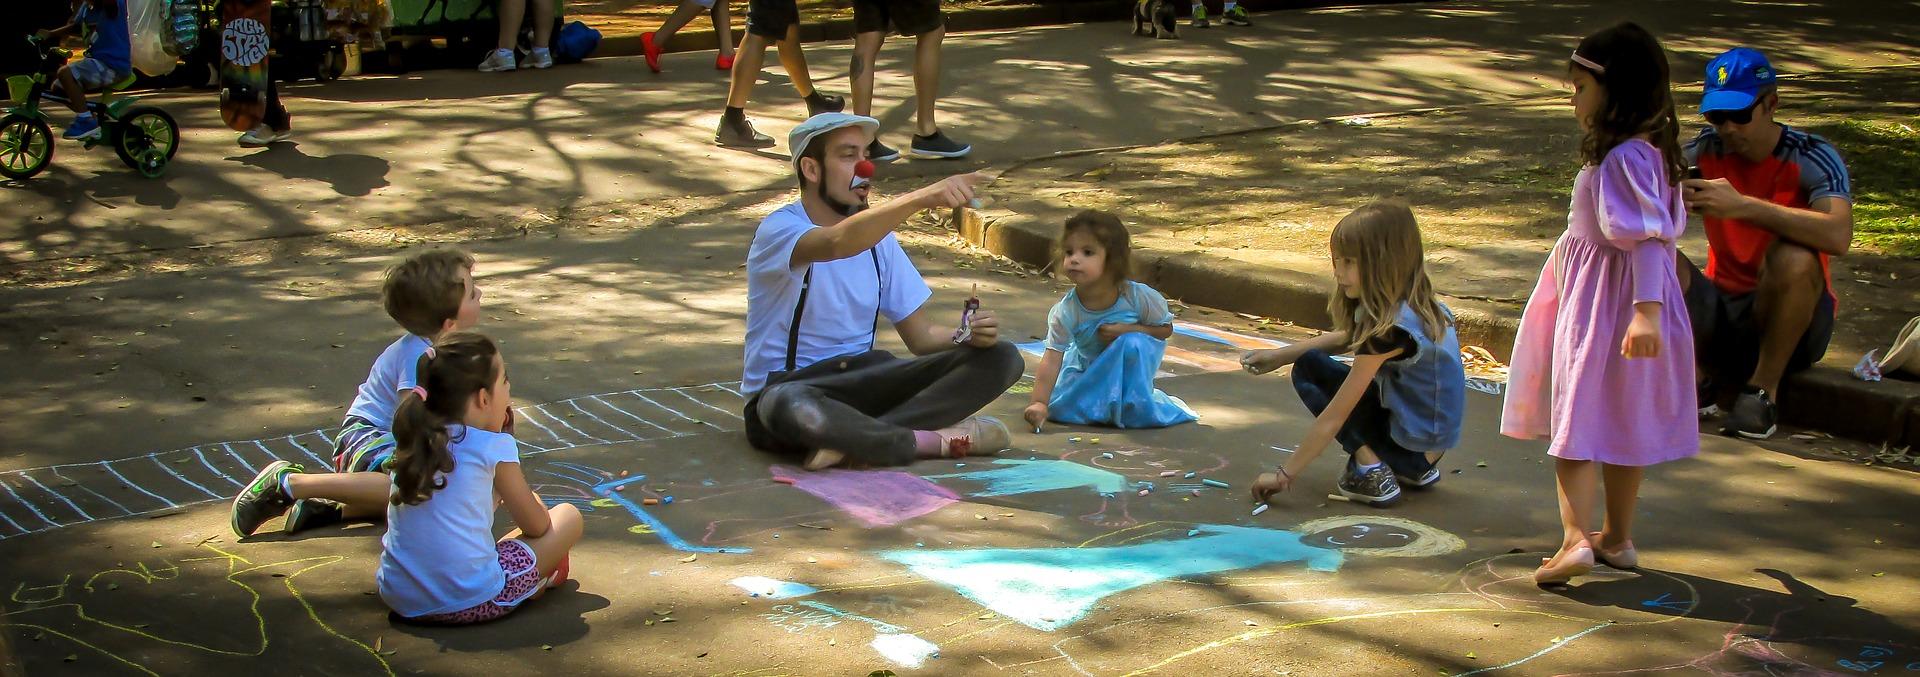 Cum stimulăm creativitatea și imaginația copiilor prin joc?